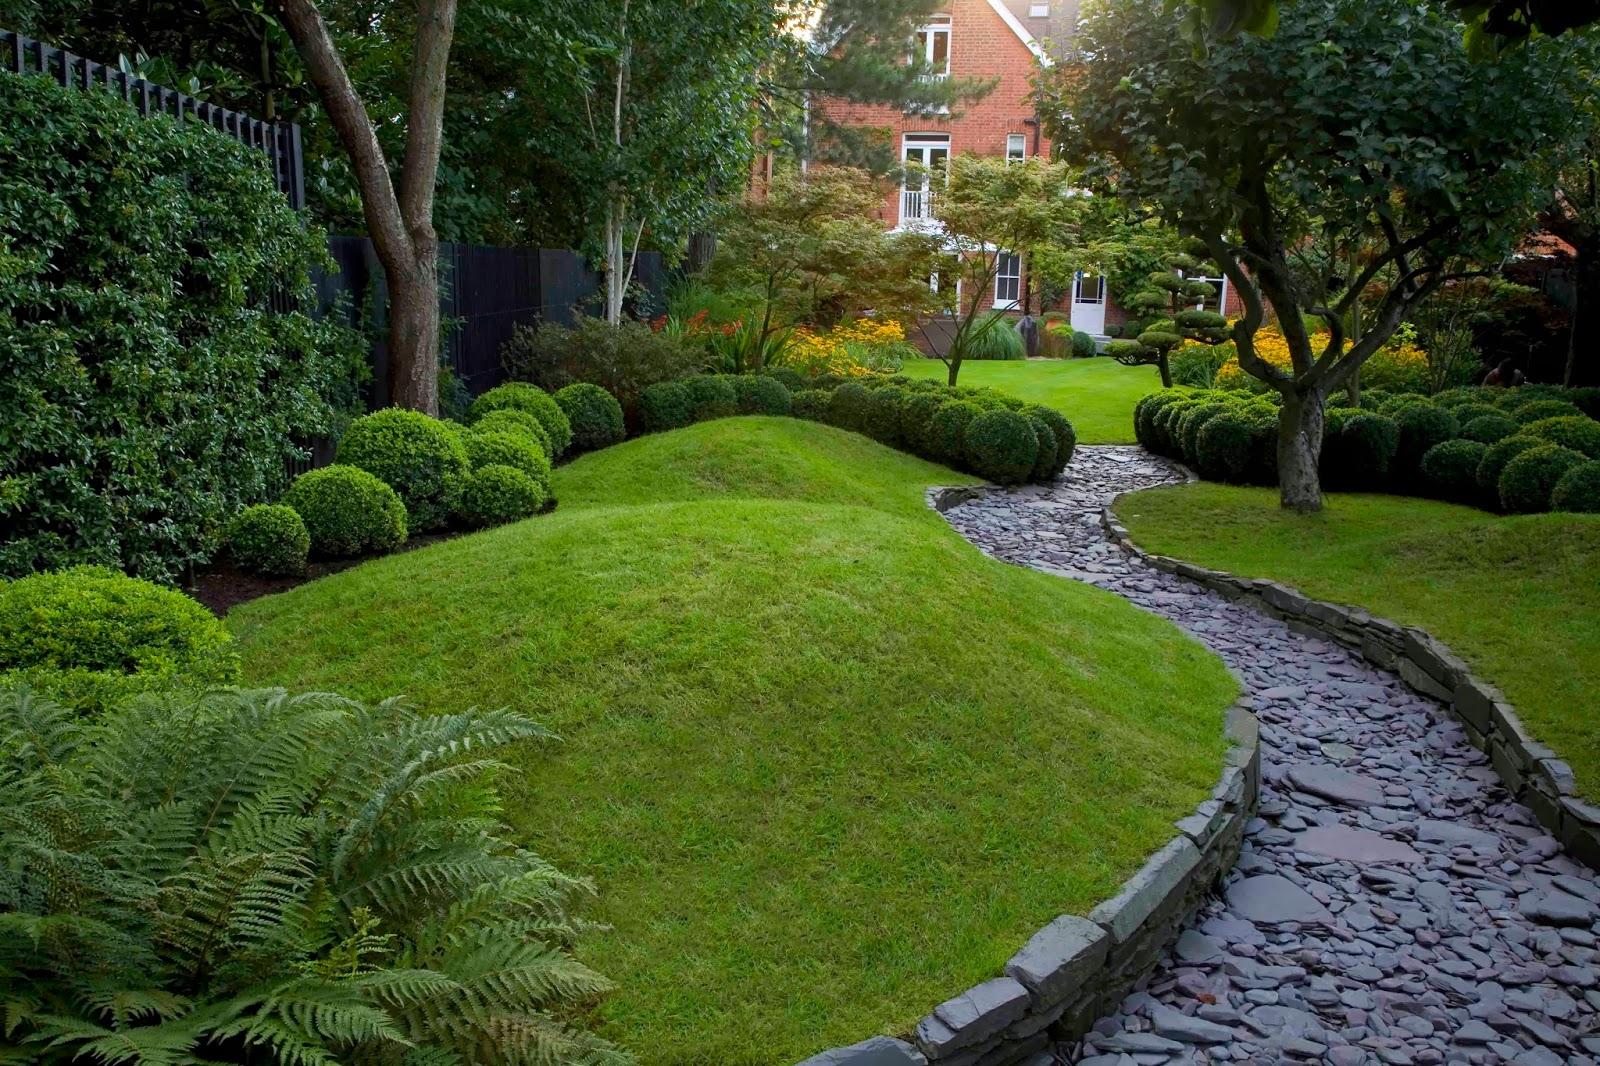 Serenity In The Garden November 2013